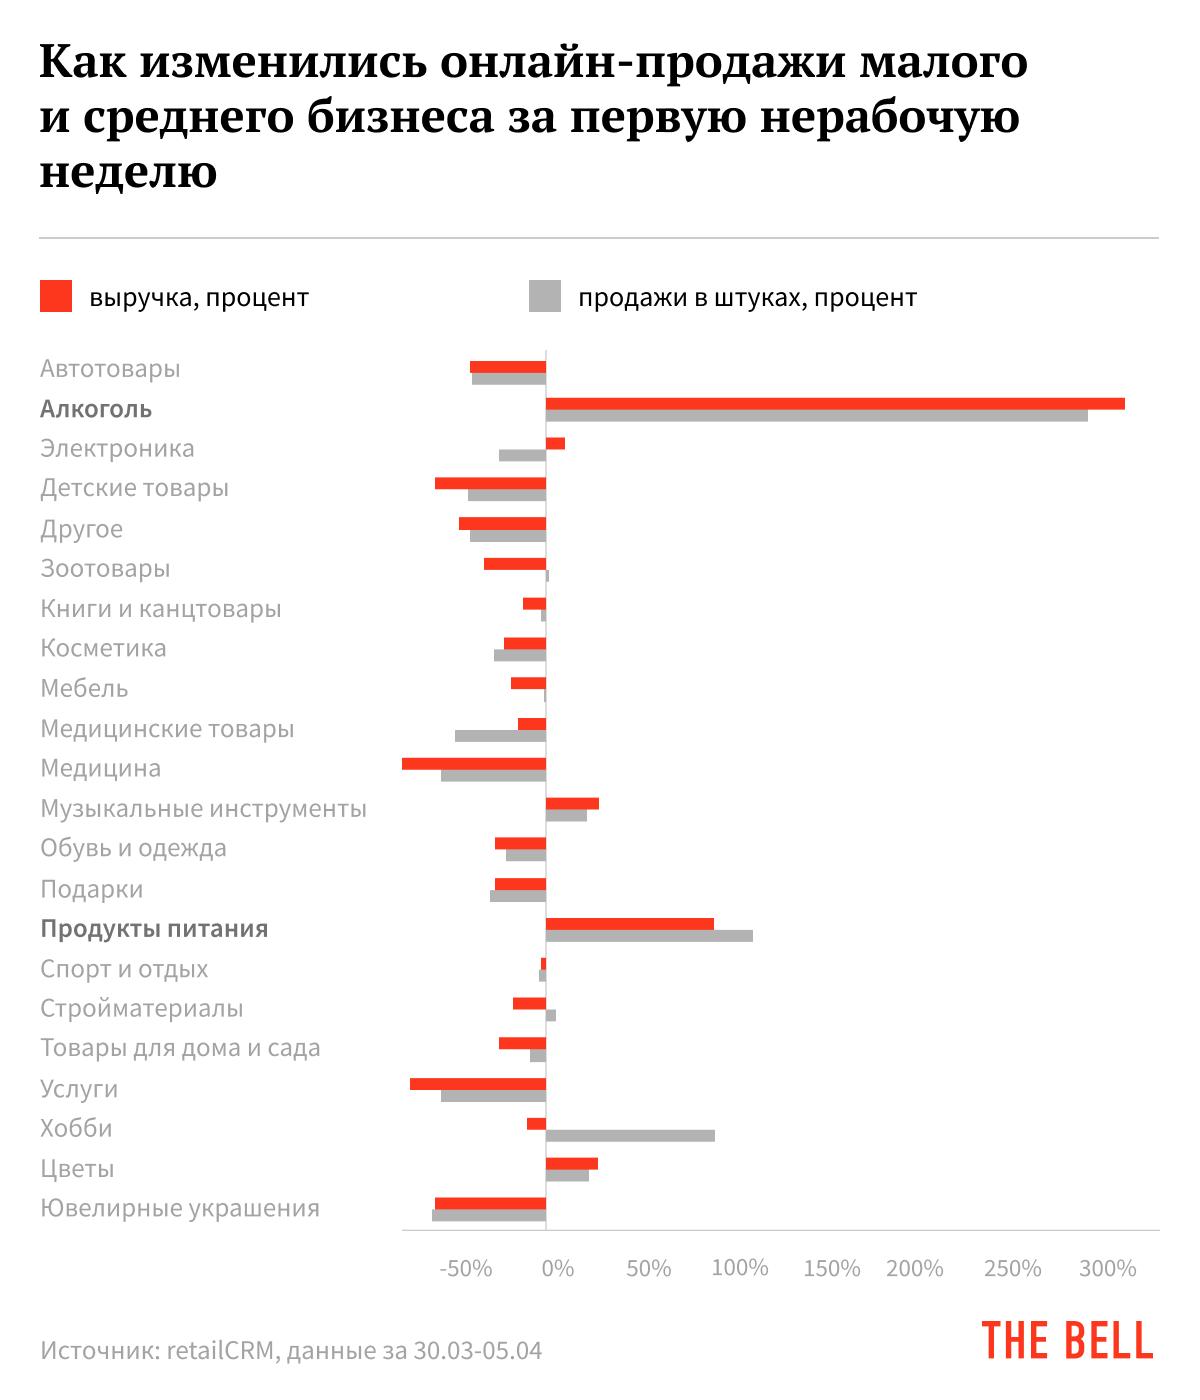 Рост и падение разных товарных категорий в связи с карантином